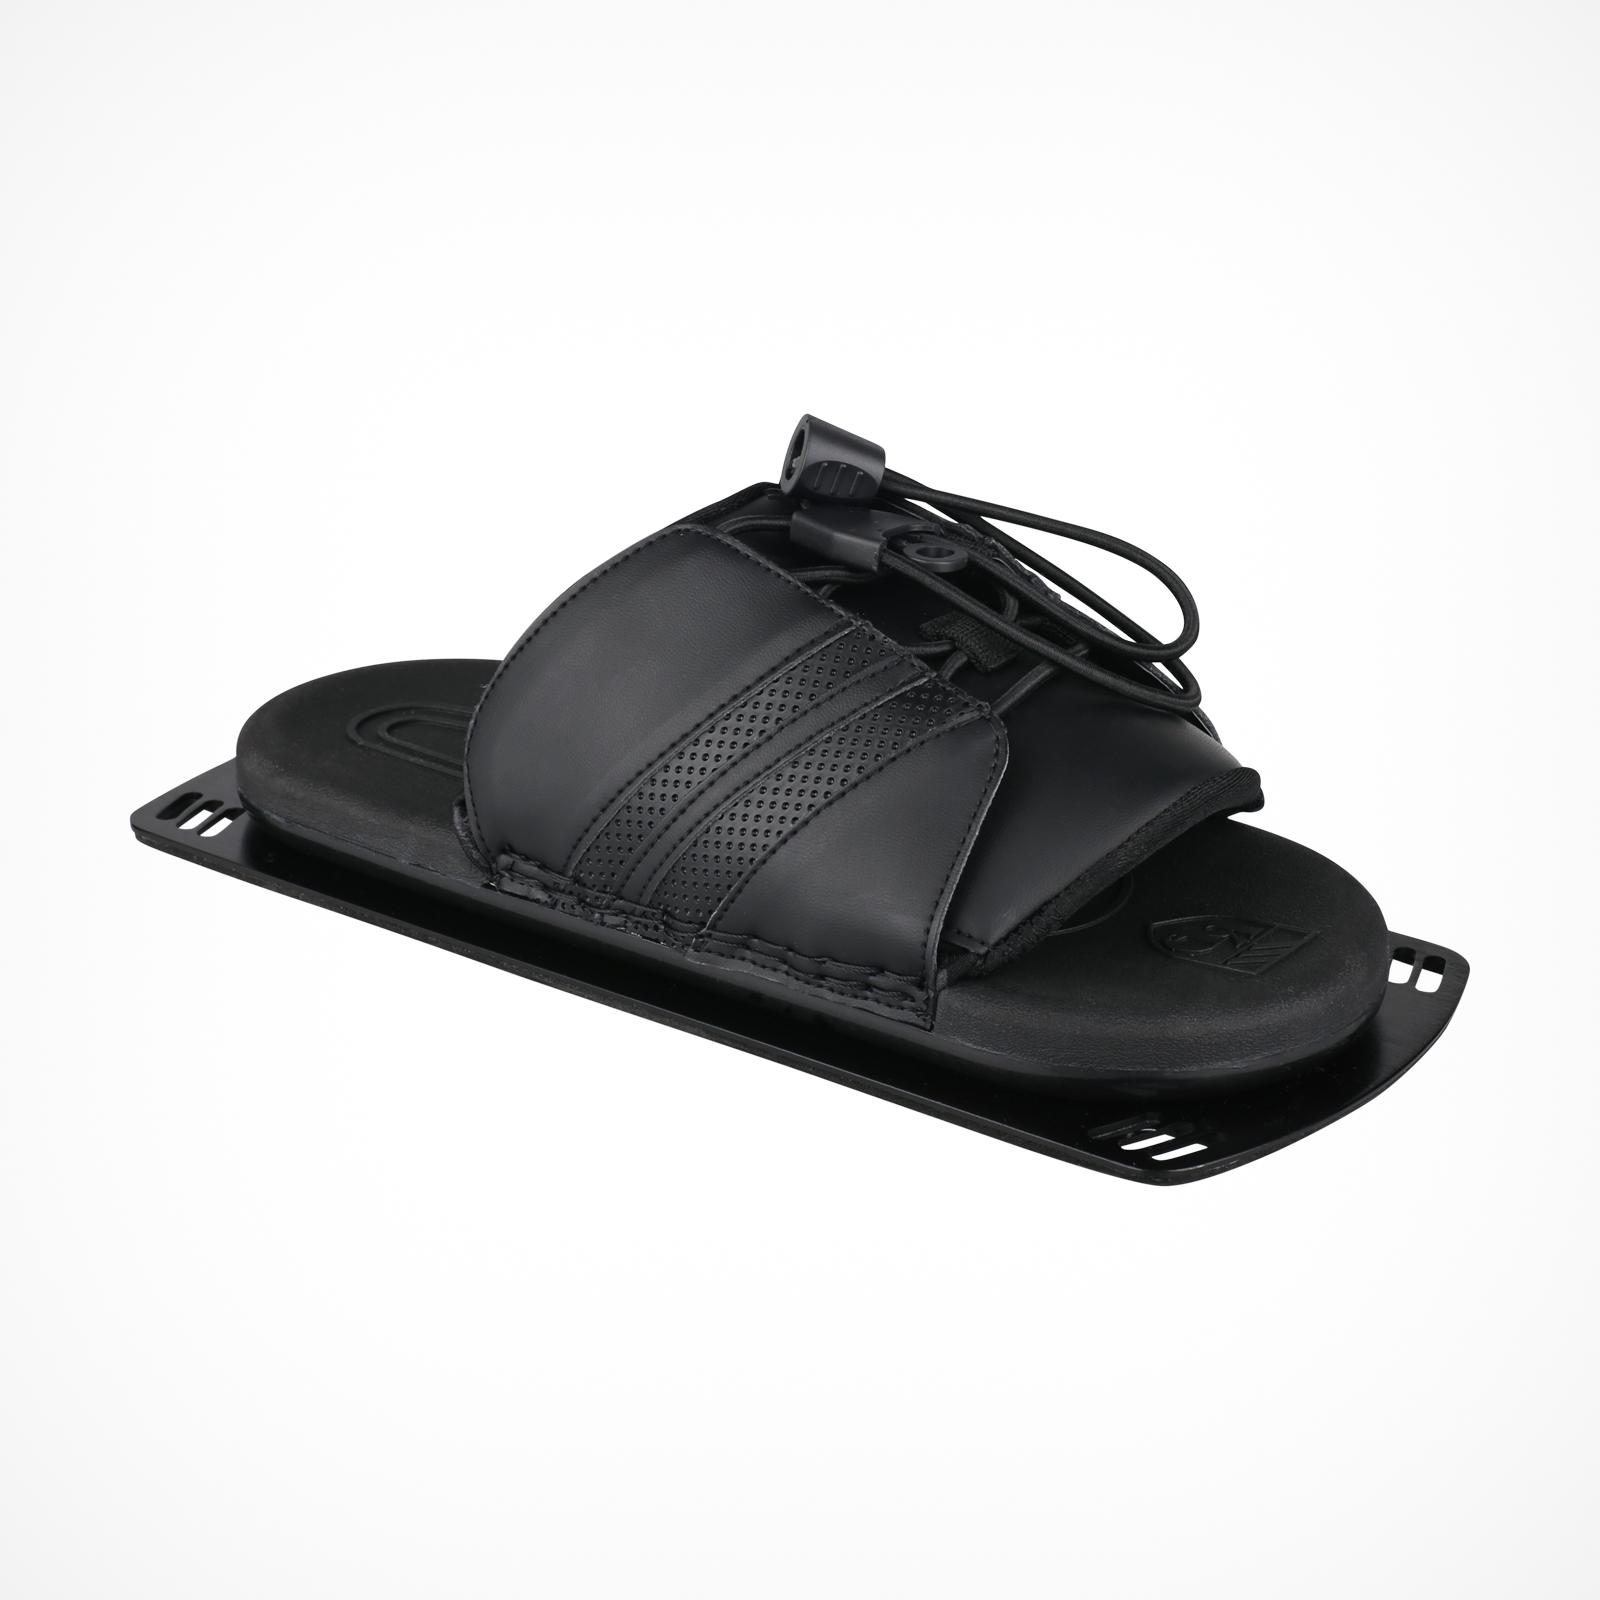 KD Water Ski Rear Toe Plate RTP Slalom